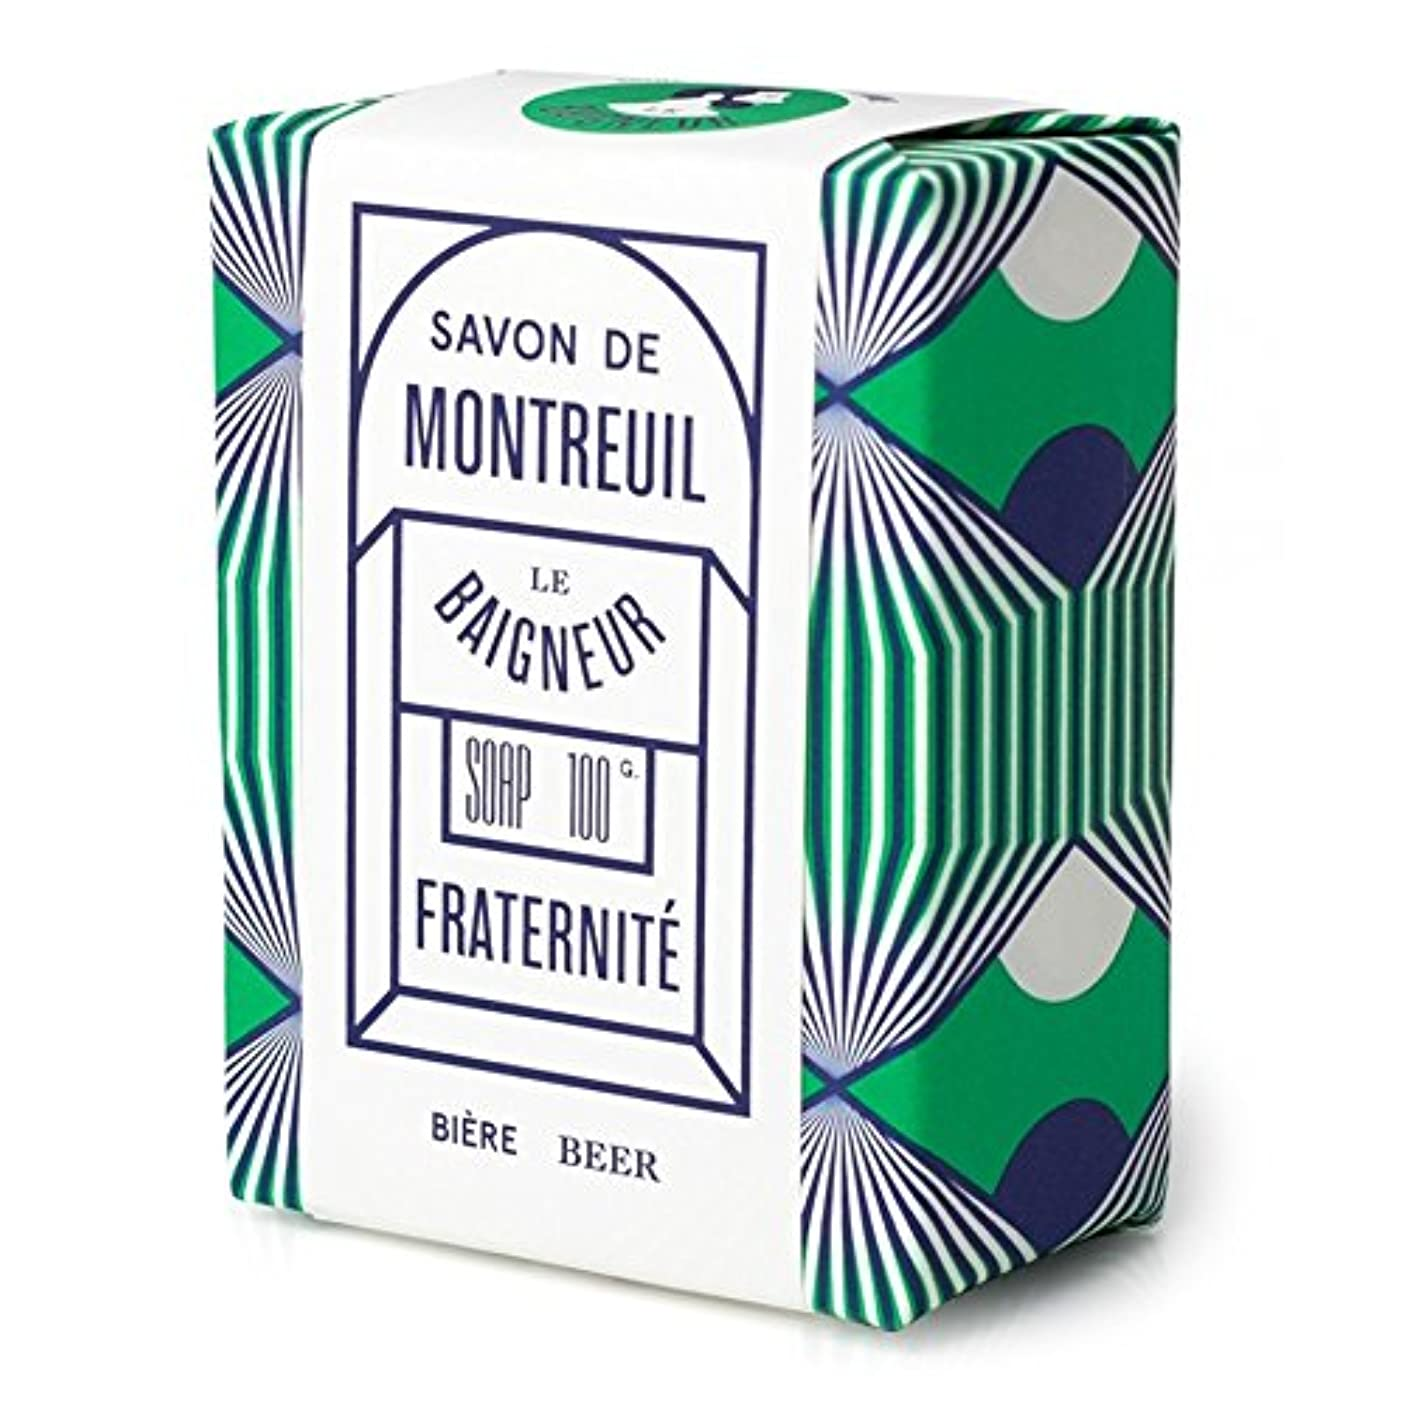 コマンドモチーフ割れ目ル 石鹸100グラム x2 - Le Baigneur Fraternite Soap 100g (Pack of 2) [並行輸入品]